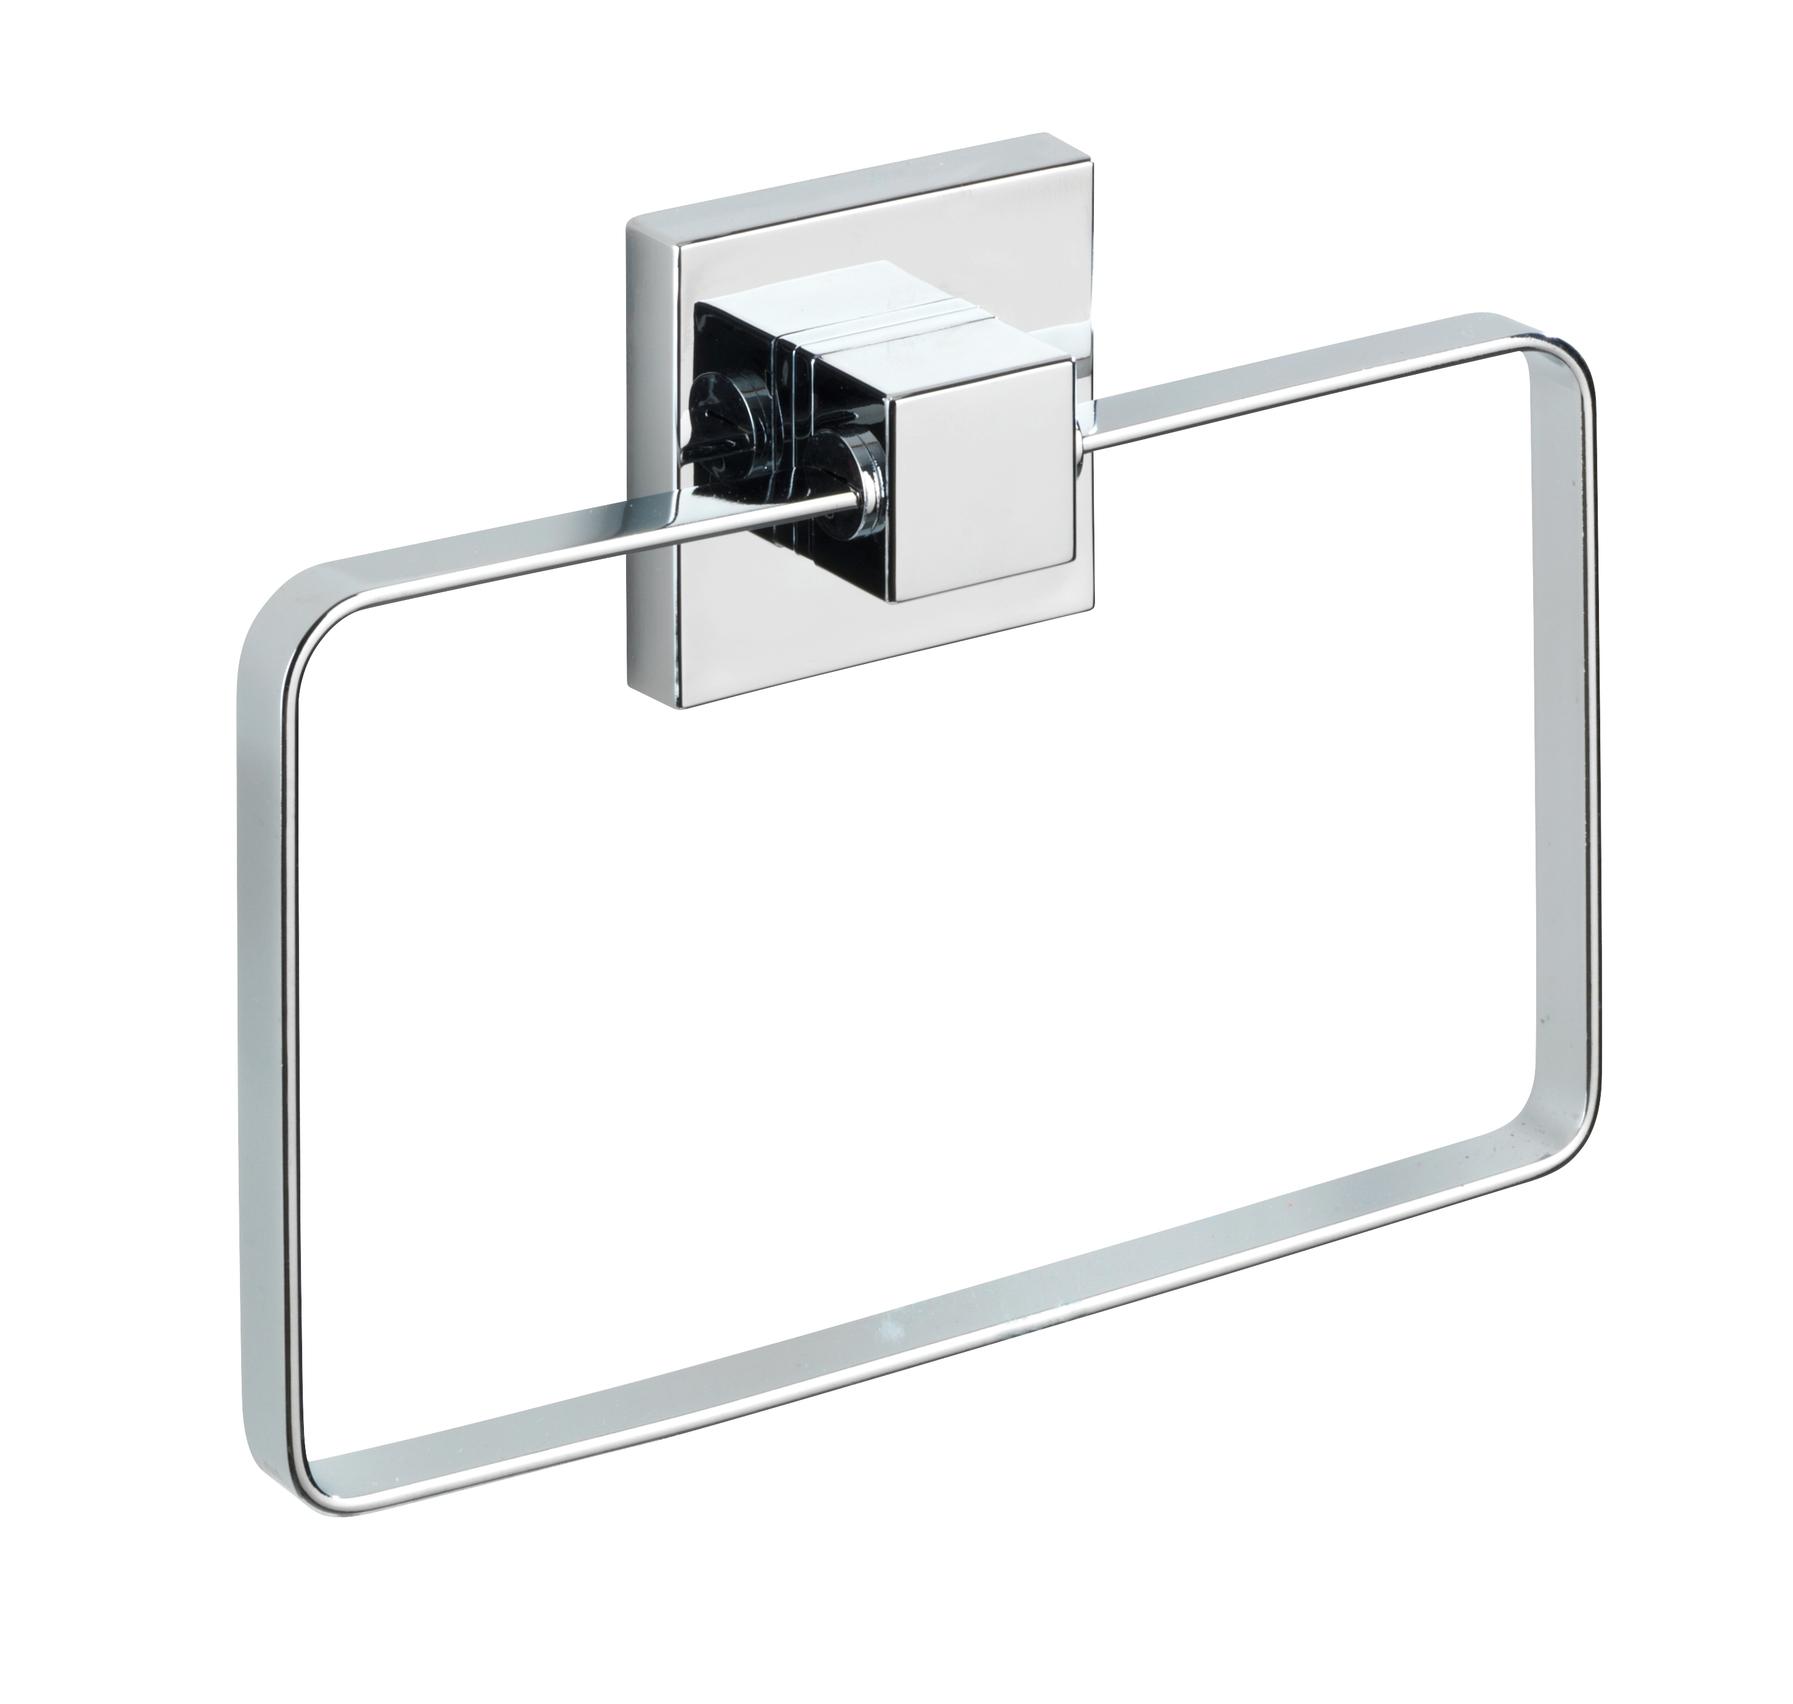 Wenko - Vacuum-Loc® Towel Ring Quadro Range - S/Steel